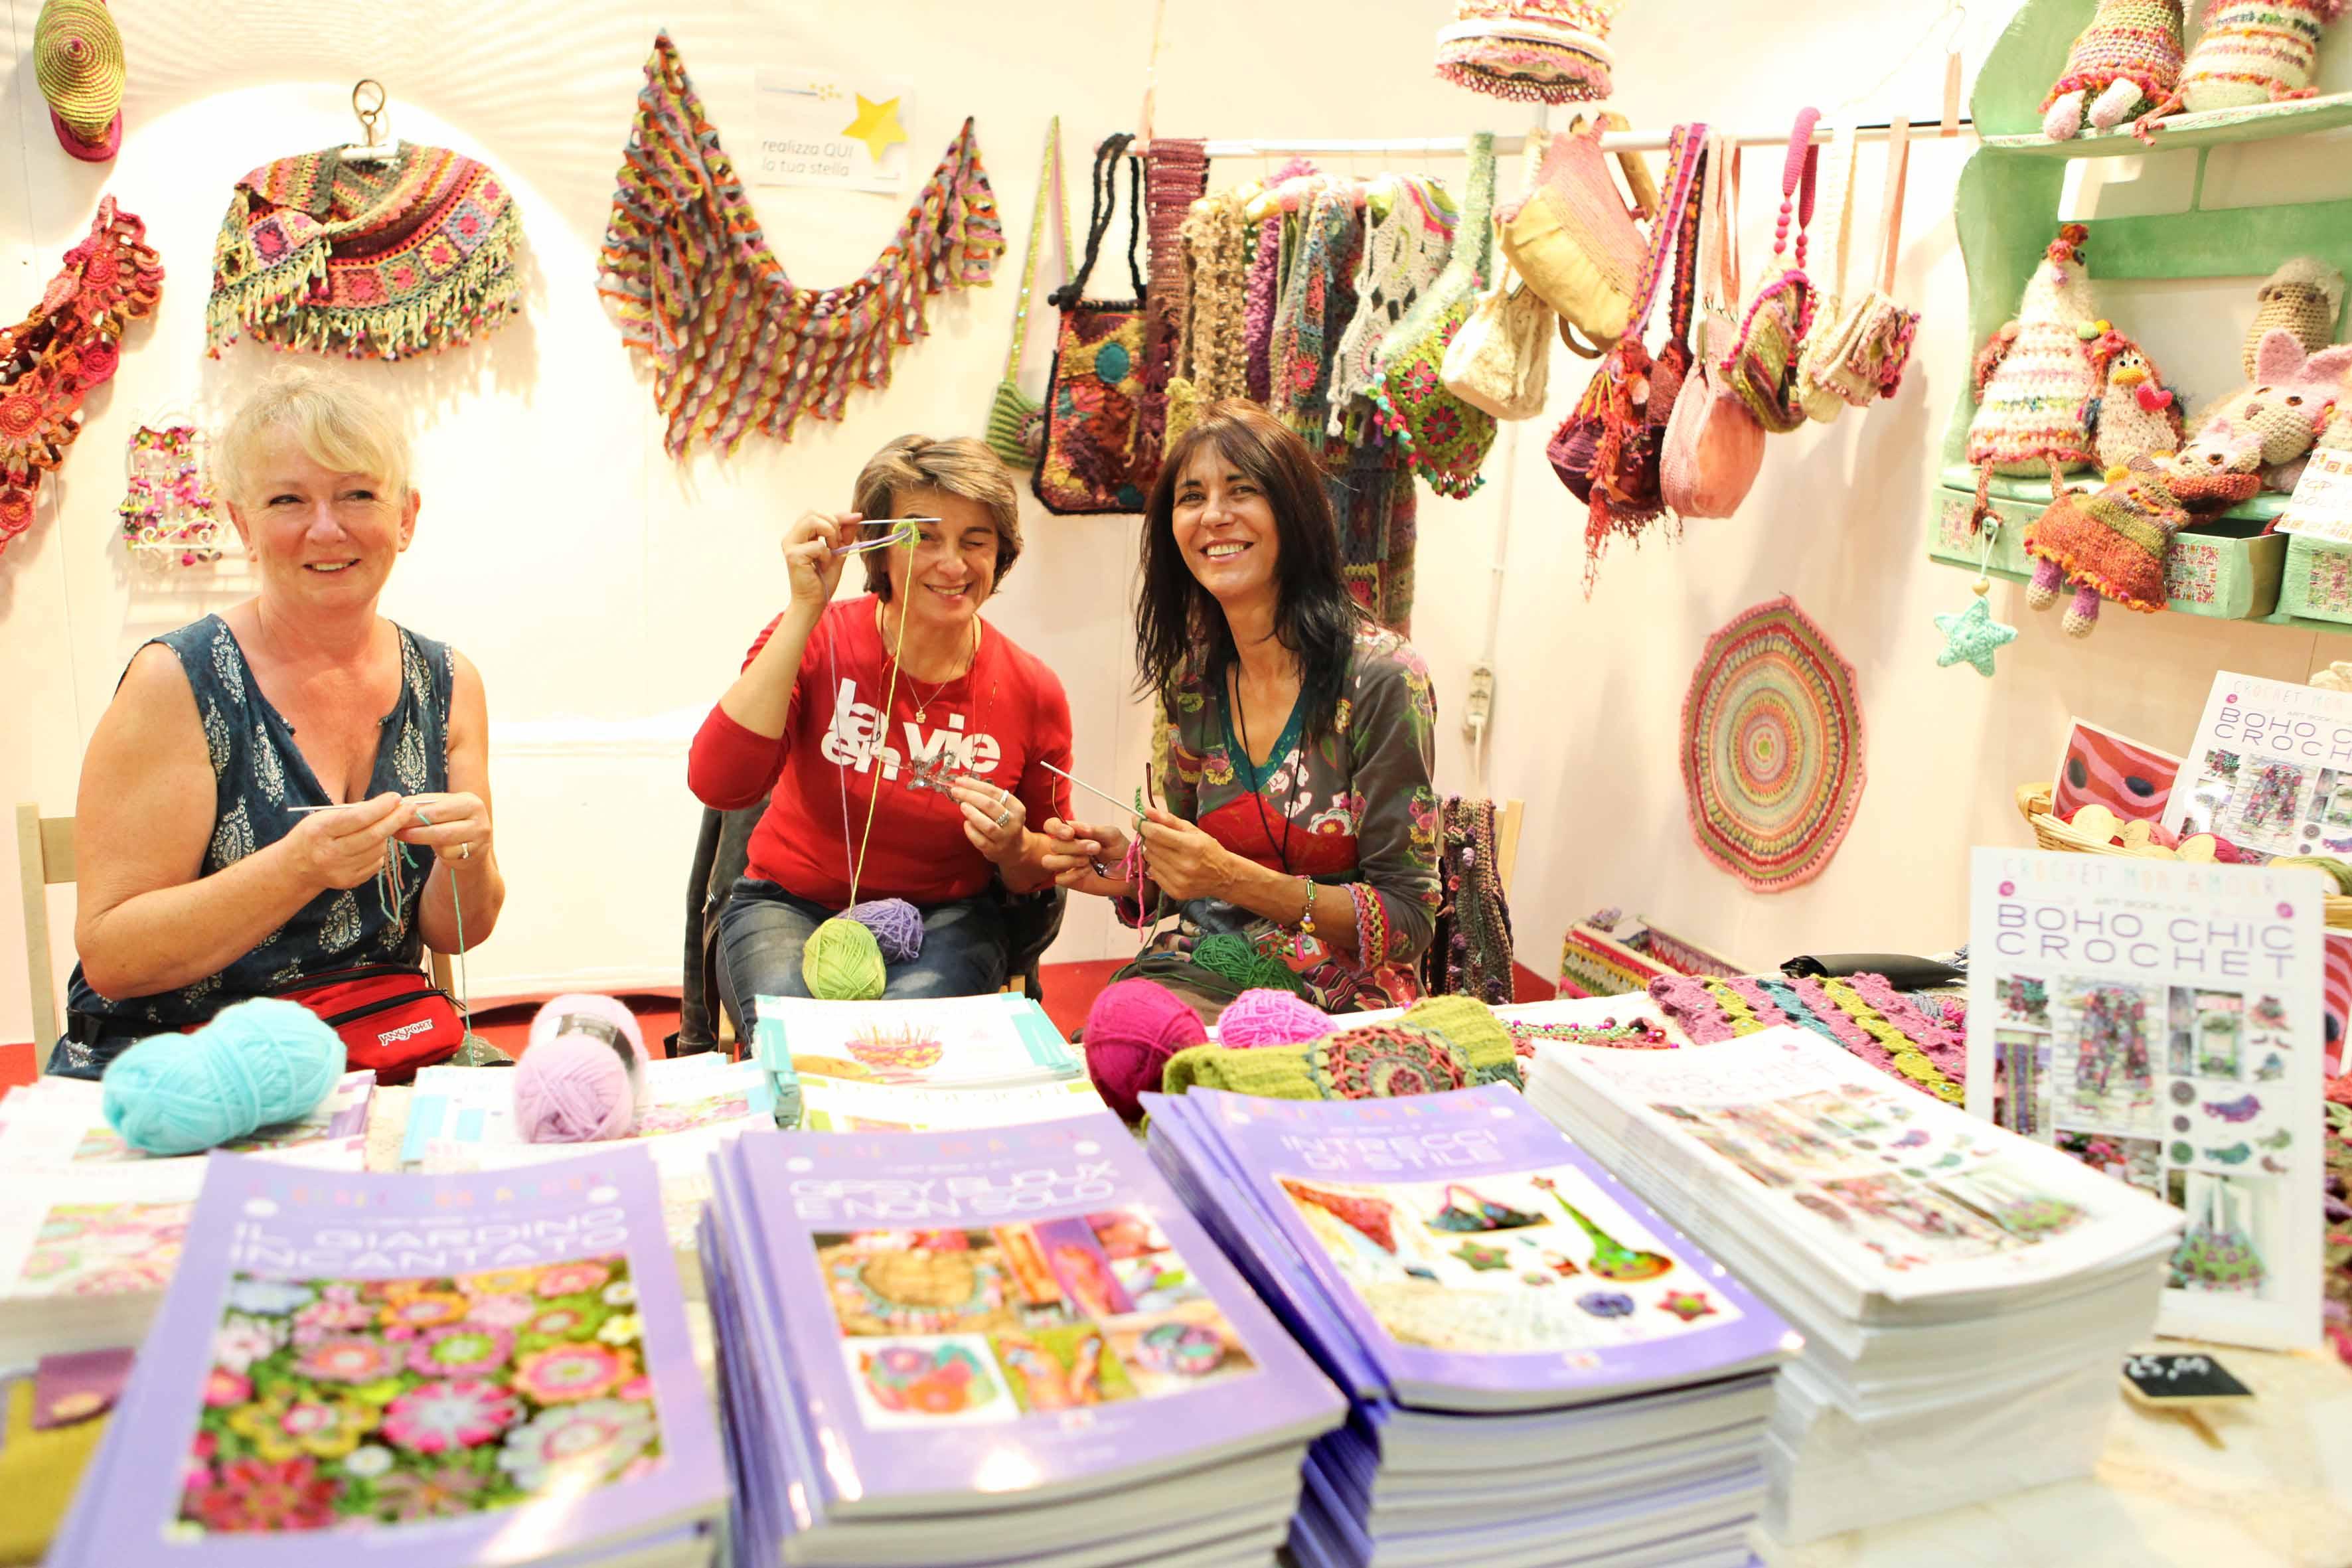 Dal 19 al 22 settembre a Lingotto Fiere di Torino la XX edizione del Salone della creatività: attesi grandi ospiti e numerosi esperti delle arti manuali creative